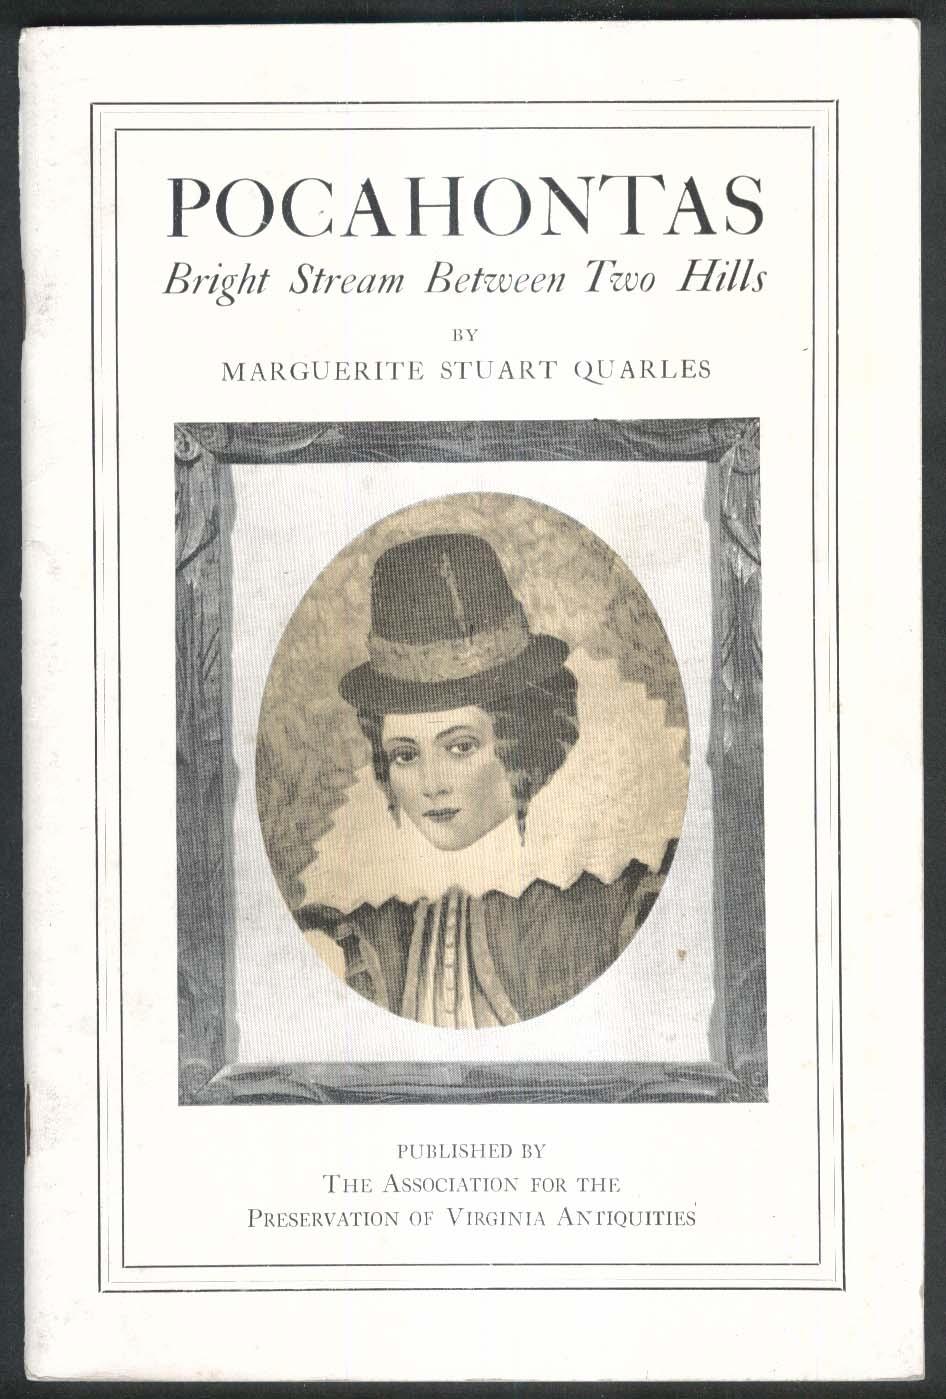 Marguerite Quarles: Pocahontas booklet 1967